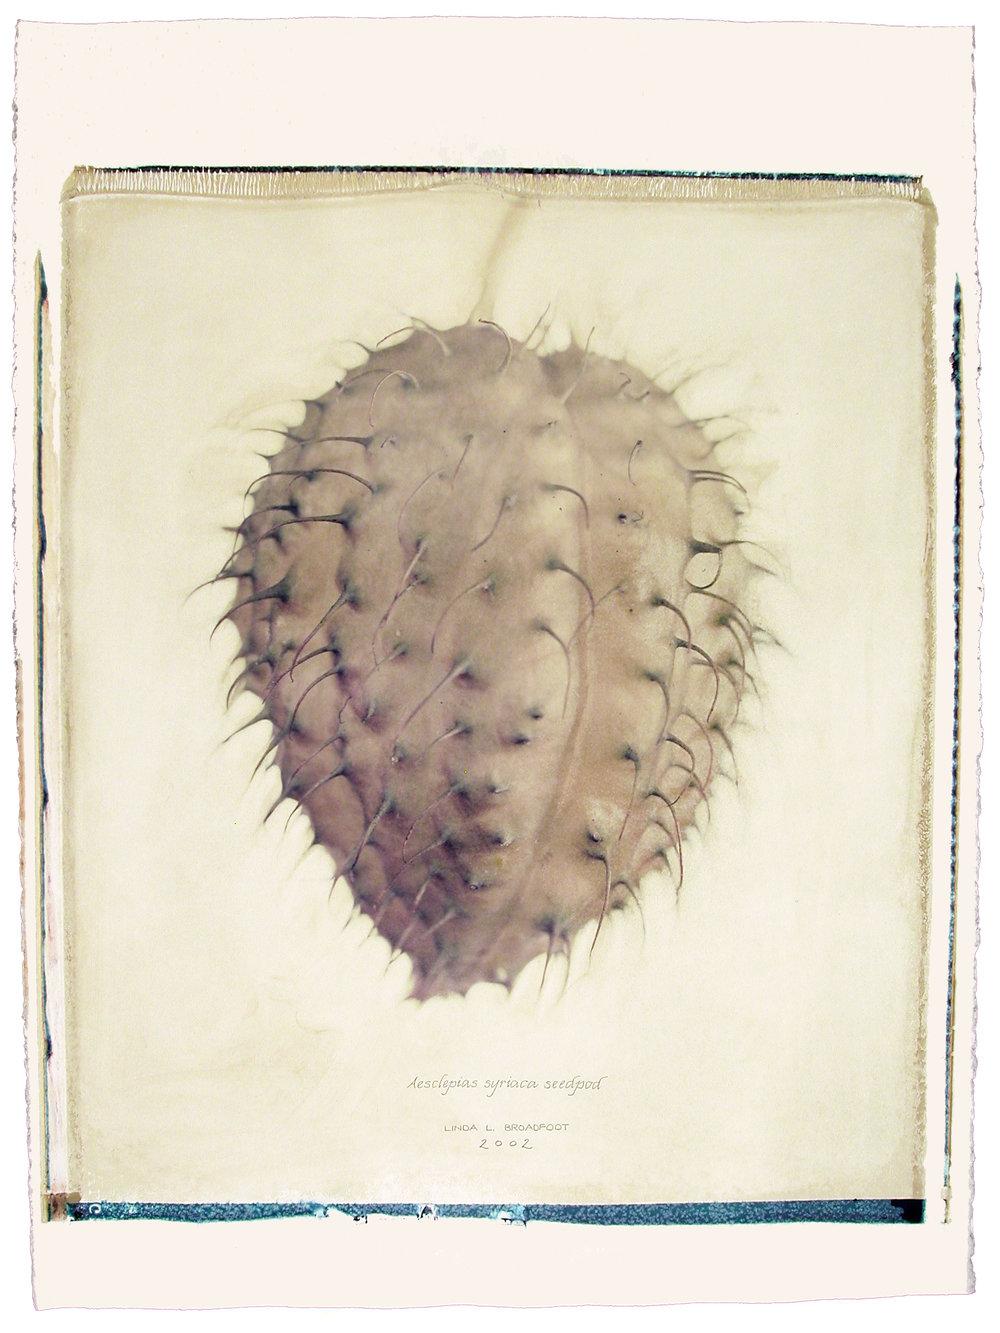 Aesclepias syriaca  (Common Milkweed), 2002